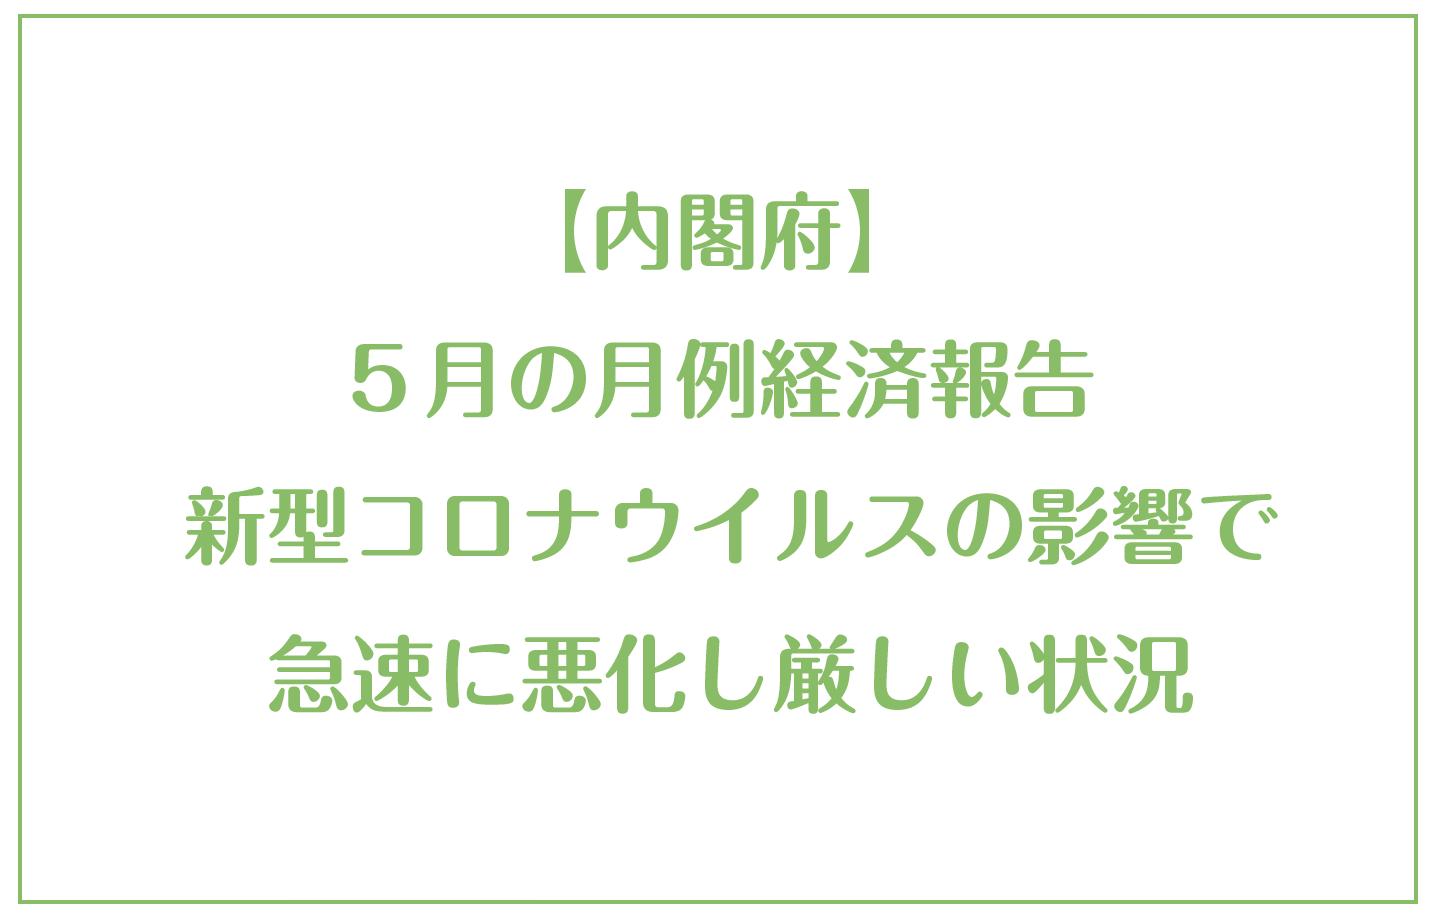 【内閣府】 5月の月例経済報告  新型コロナウイルスの影響で 急速に悪化し厳しい状況の画像